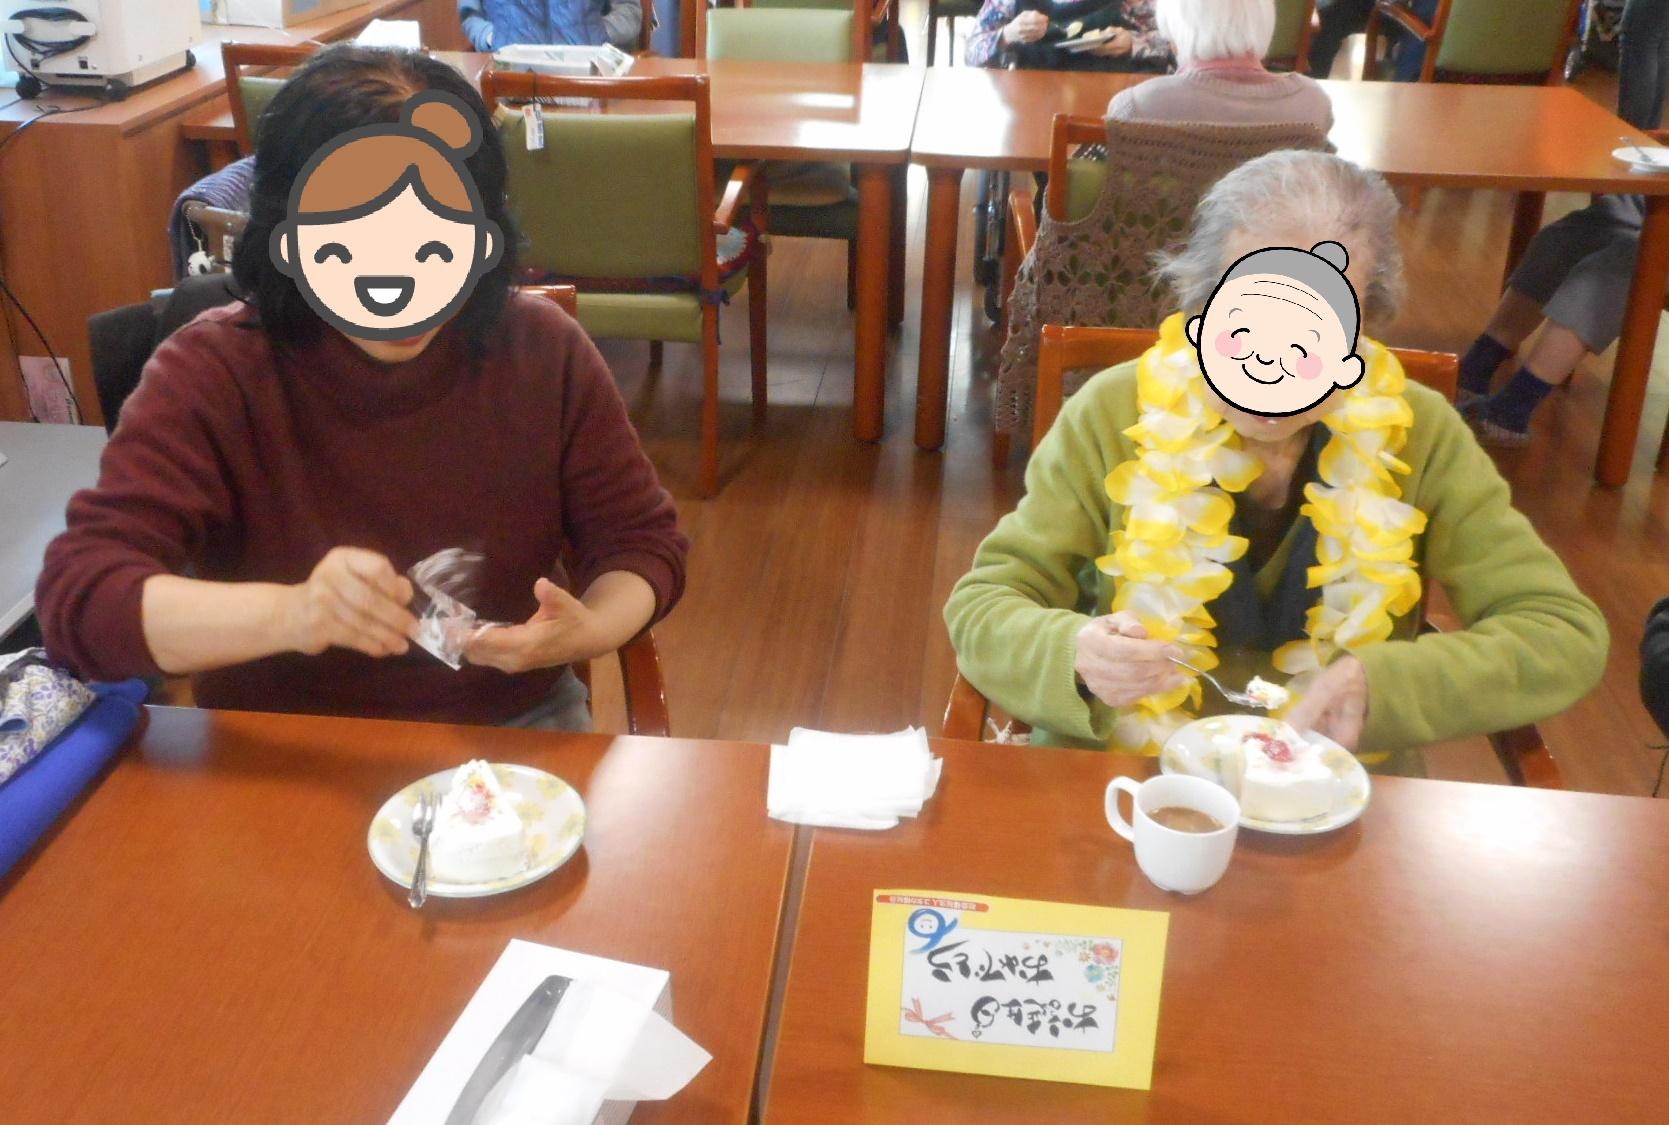 3月の誕生日会開催(介護付有料老人ホームゆたか)